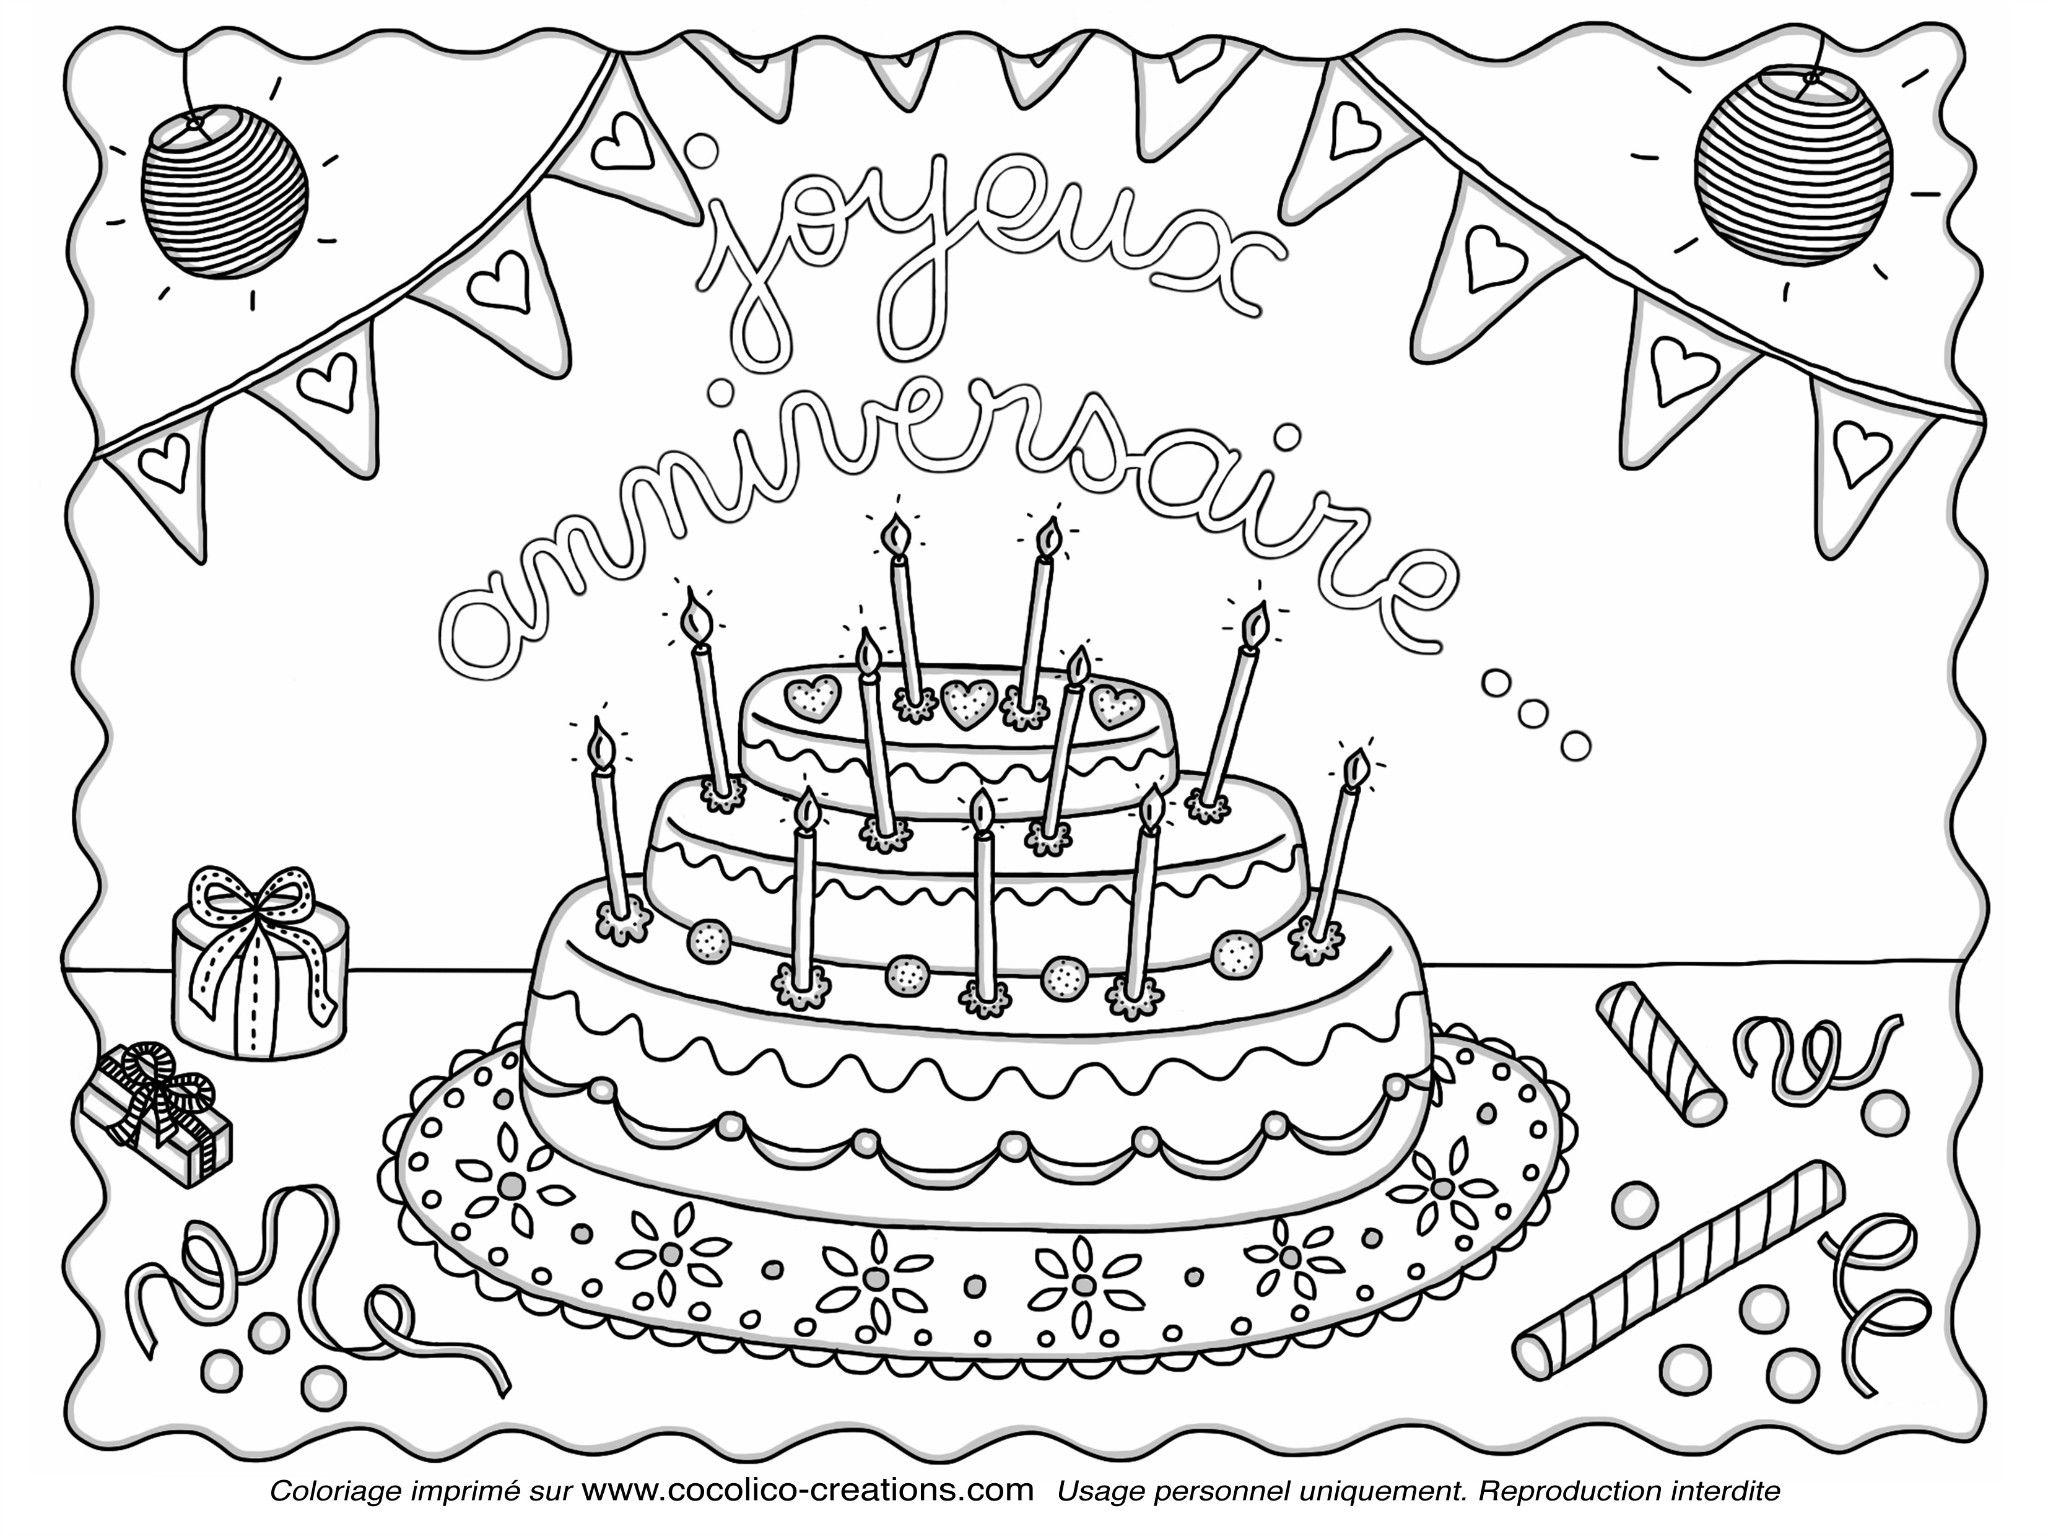 R sultat de recherche d 39 images pour coloriage gateau - Dessin sur gateau anniversaire ...